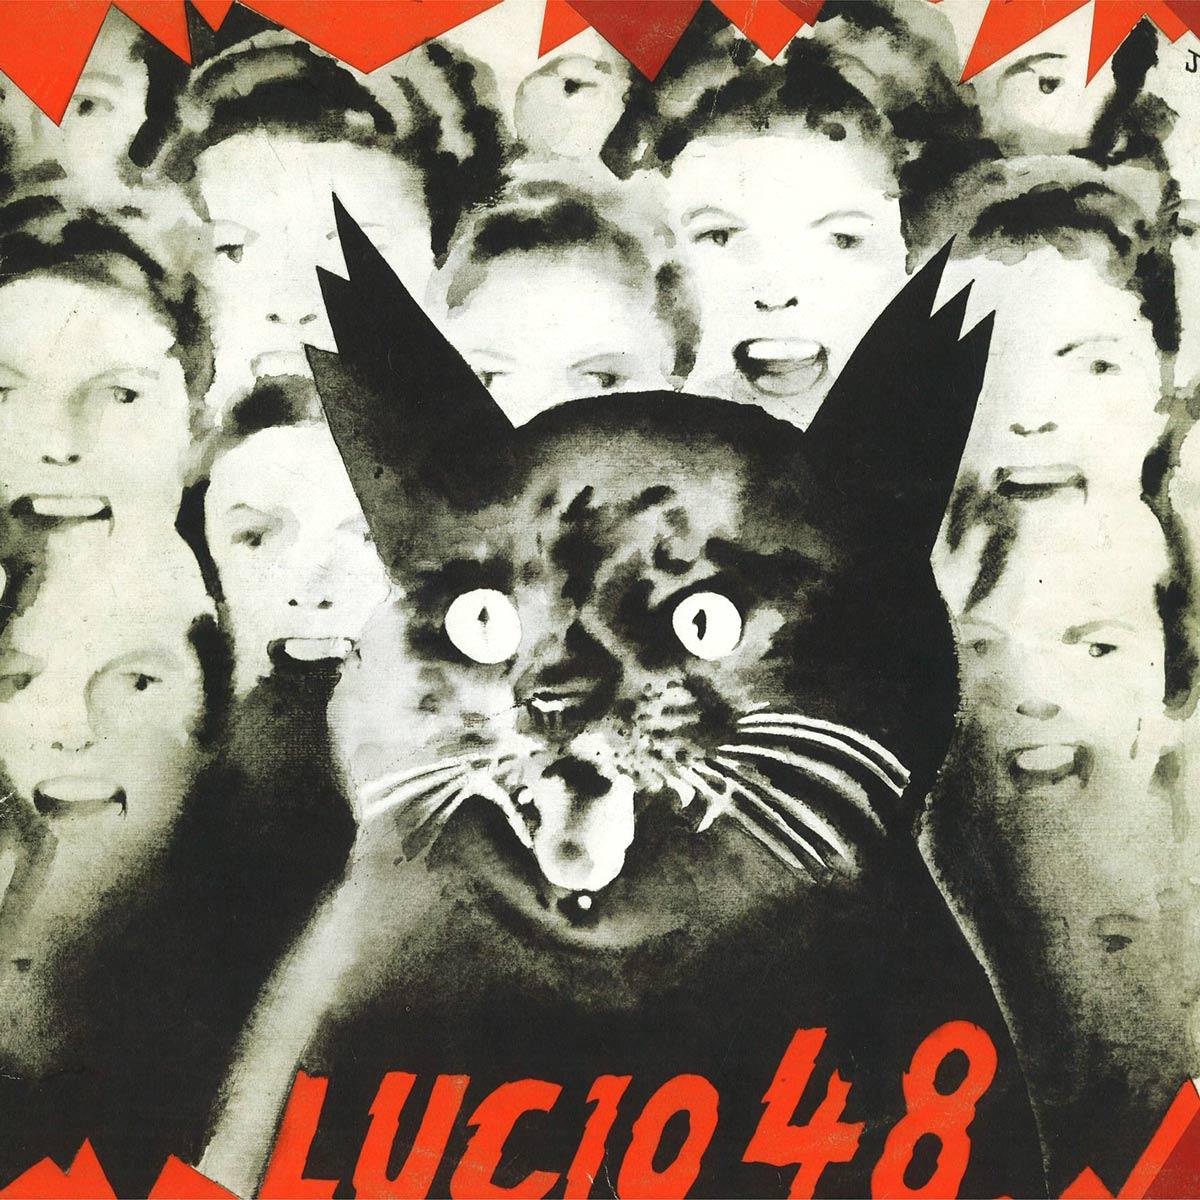 """La copertina dell'album di Lucio Quarantotto """"Di Mattina Molto Presto"""" (1983 Conveyor)"""